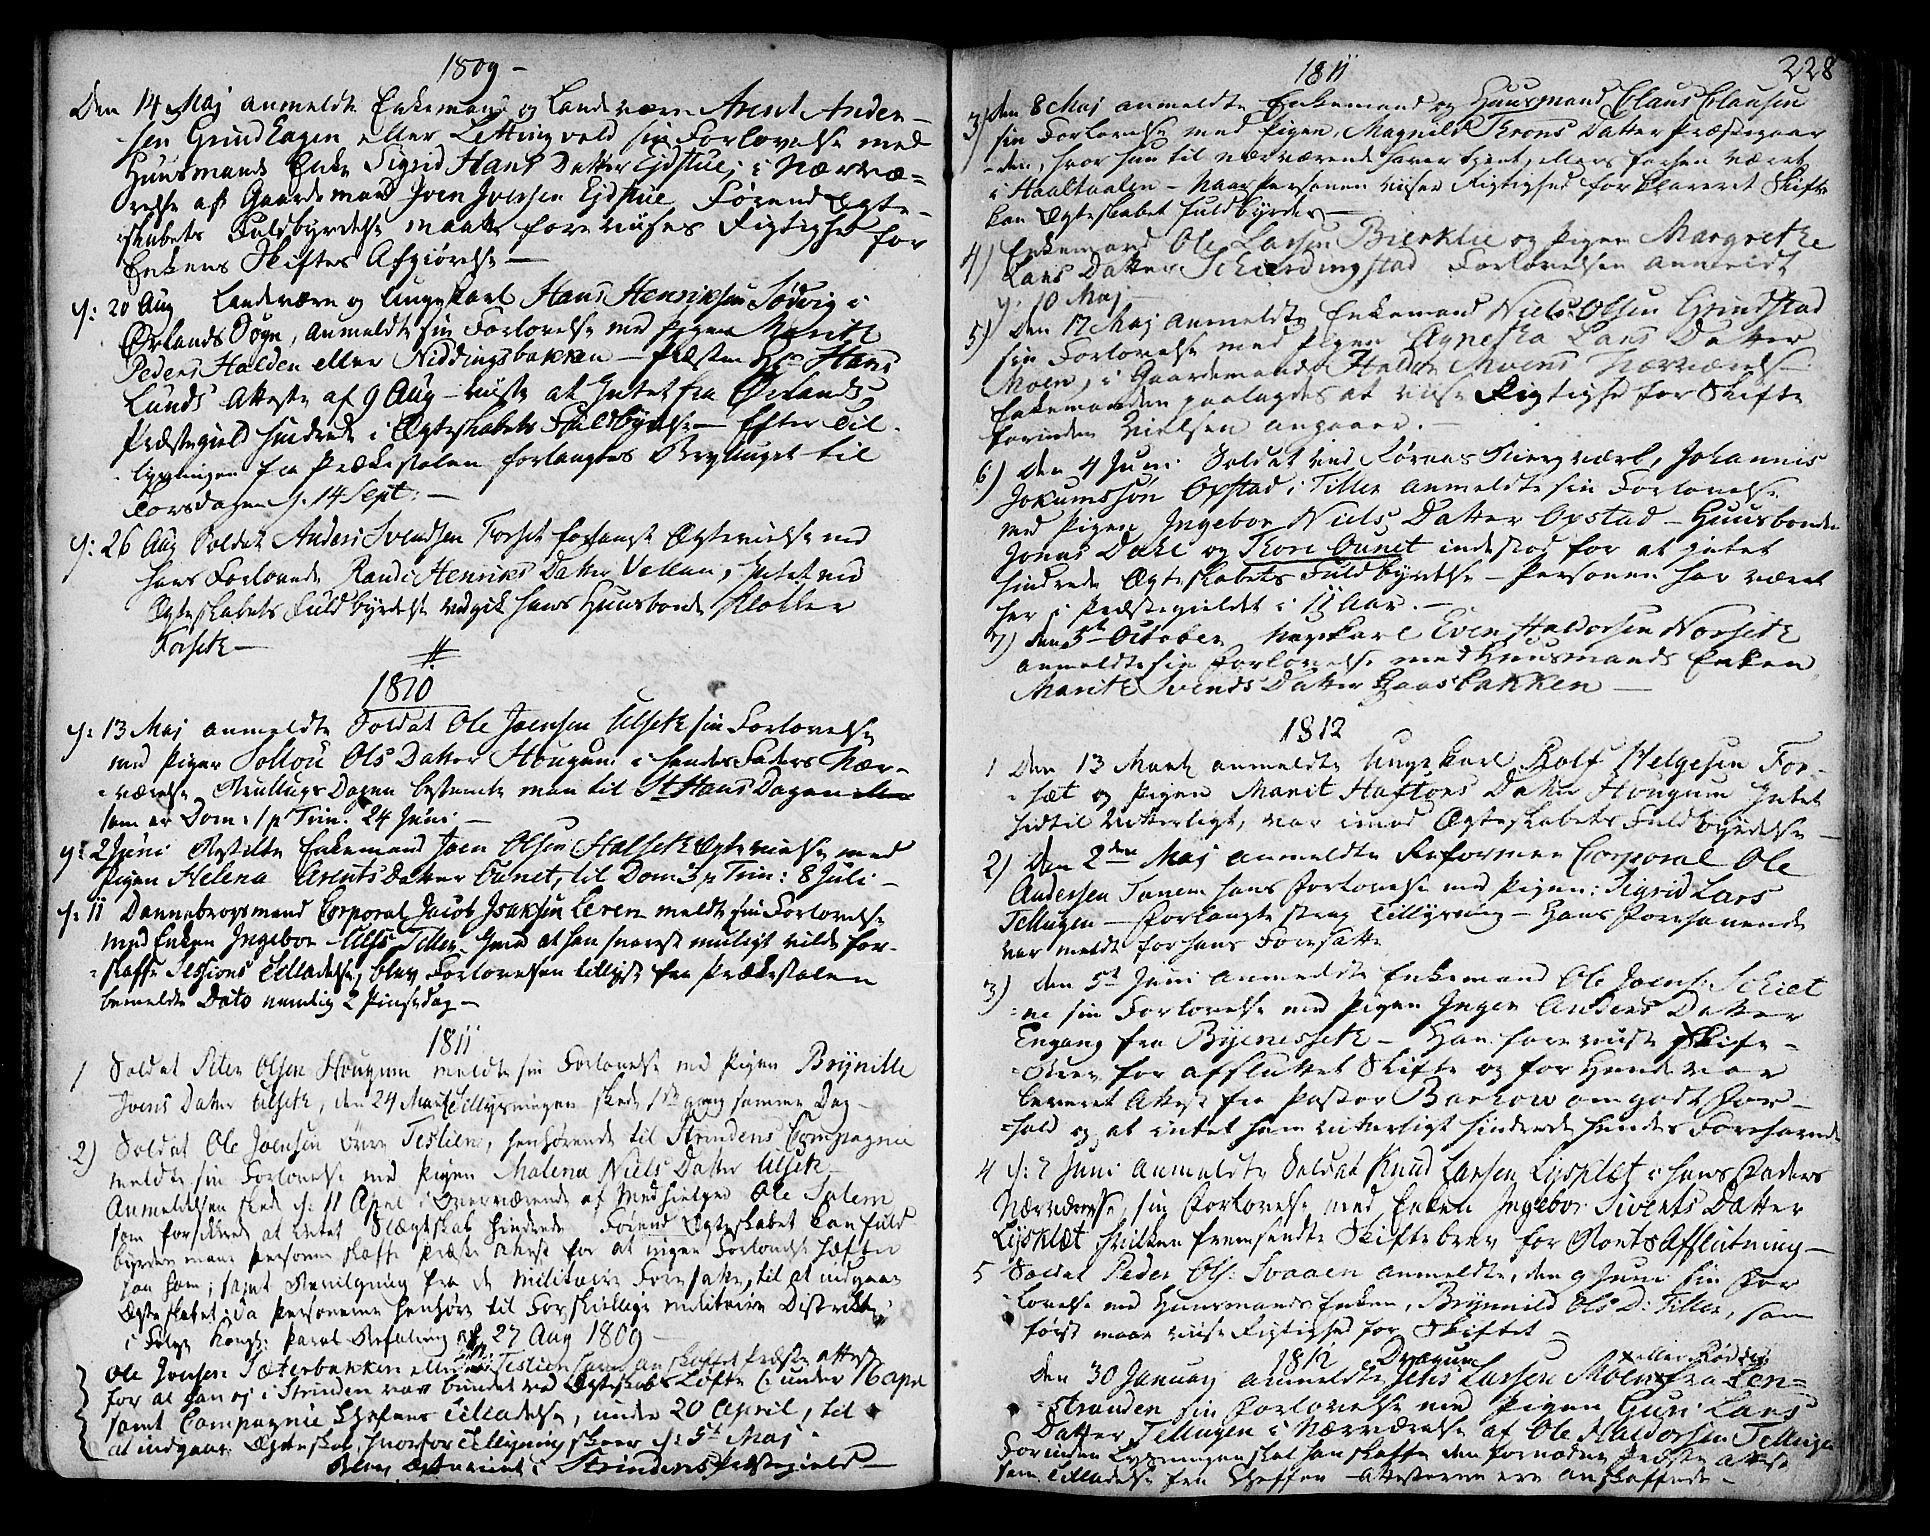 SAT, Ministerialprotokoller, klokkerbøker og fødselsregistre - Sør-Trøndelag, 618/L0438: Ministerialbok nr. 618A03, 1783-1815, s. 228